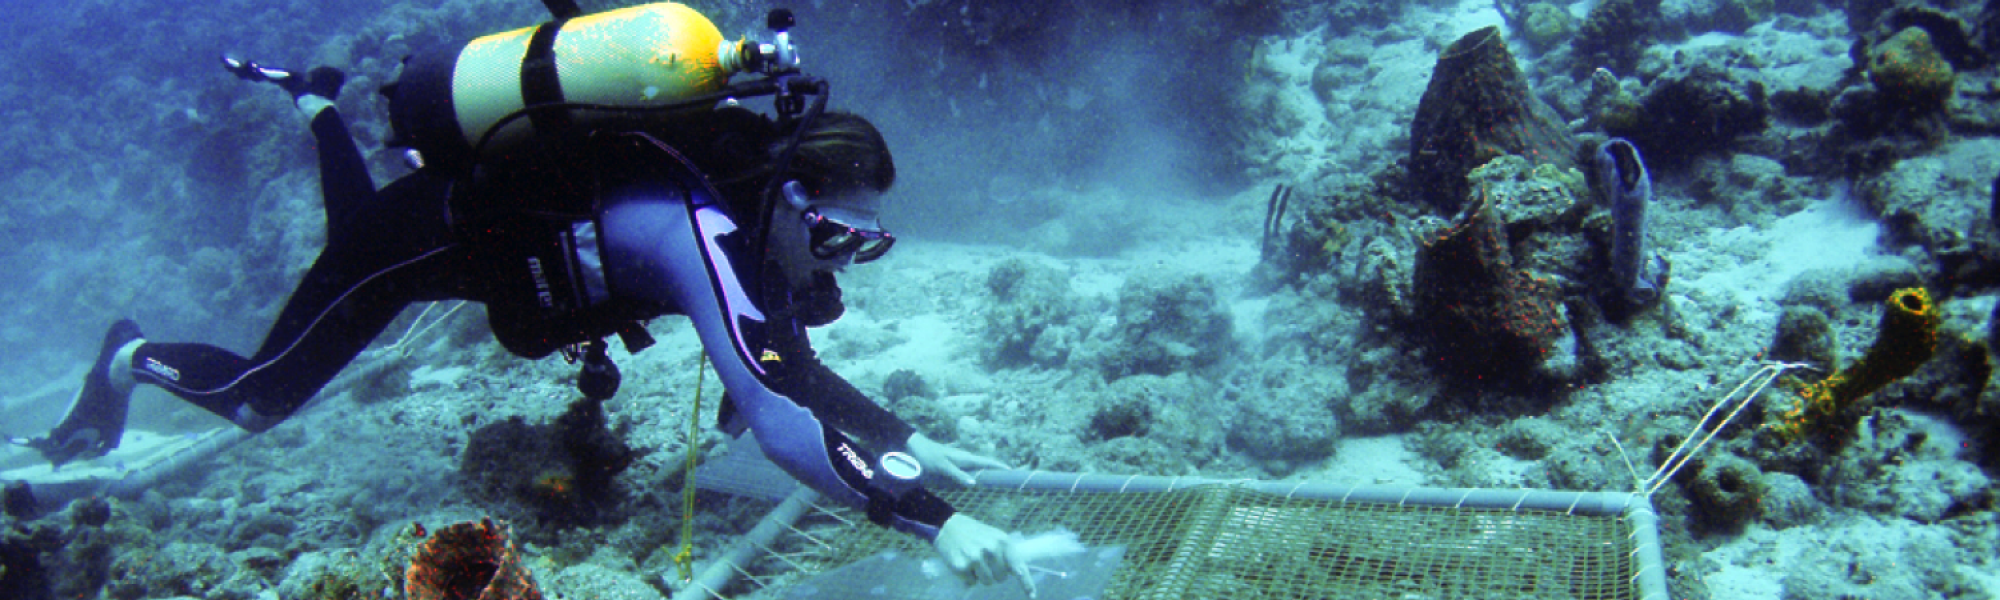 Étude du recrutement larvaire des coraux sur des plaques de terre cuite (Ilets Pigeon, Bouillante). Photo Claude Bouchon